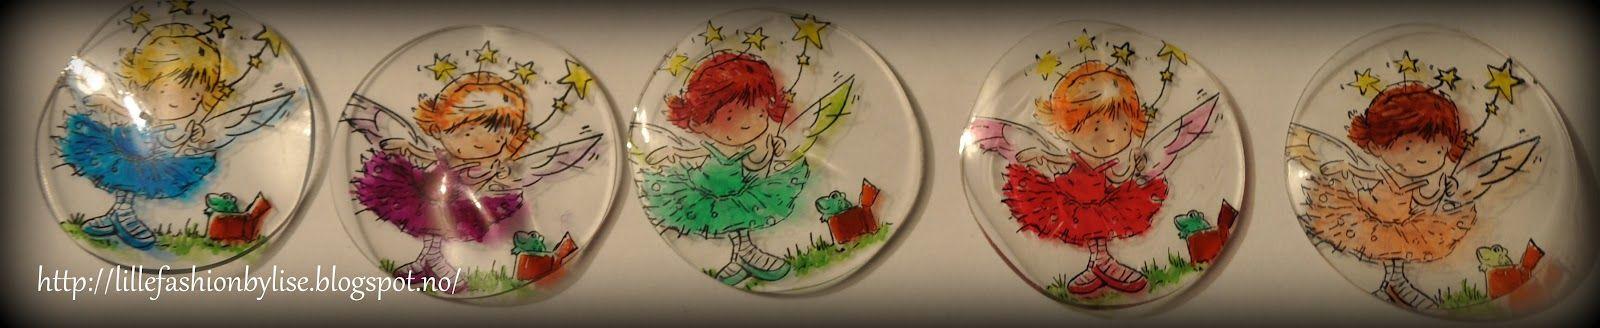 shrink plastic made into buttons    lillefashion.by.lise: Krympeplast og stempel = kule knapper